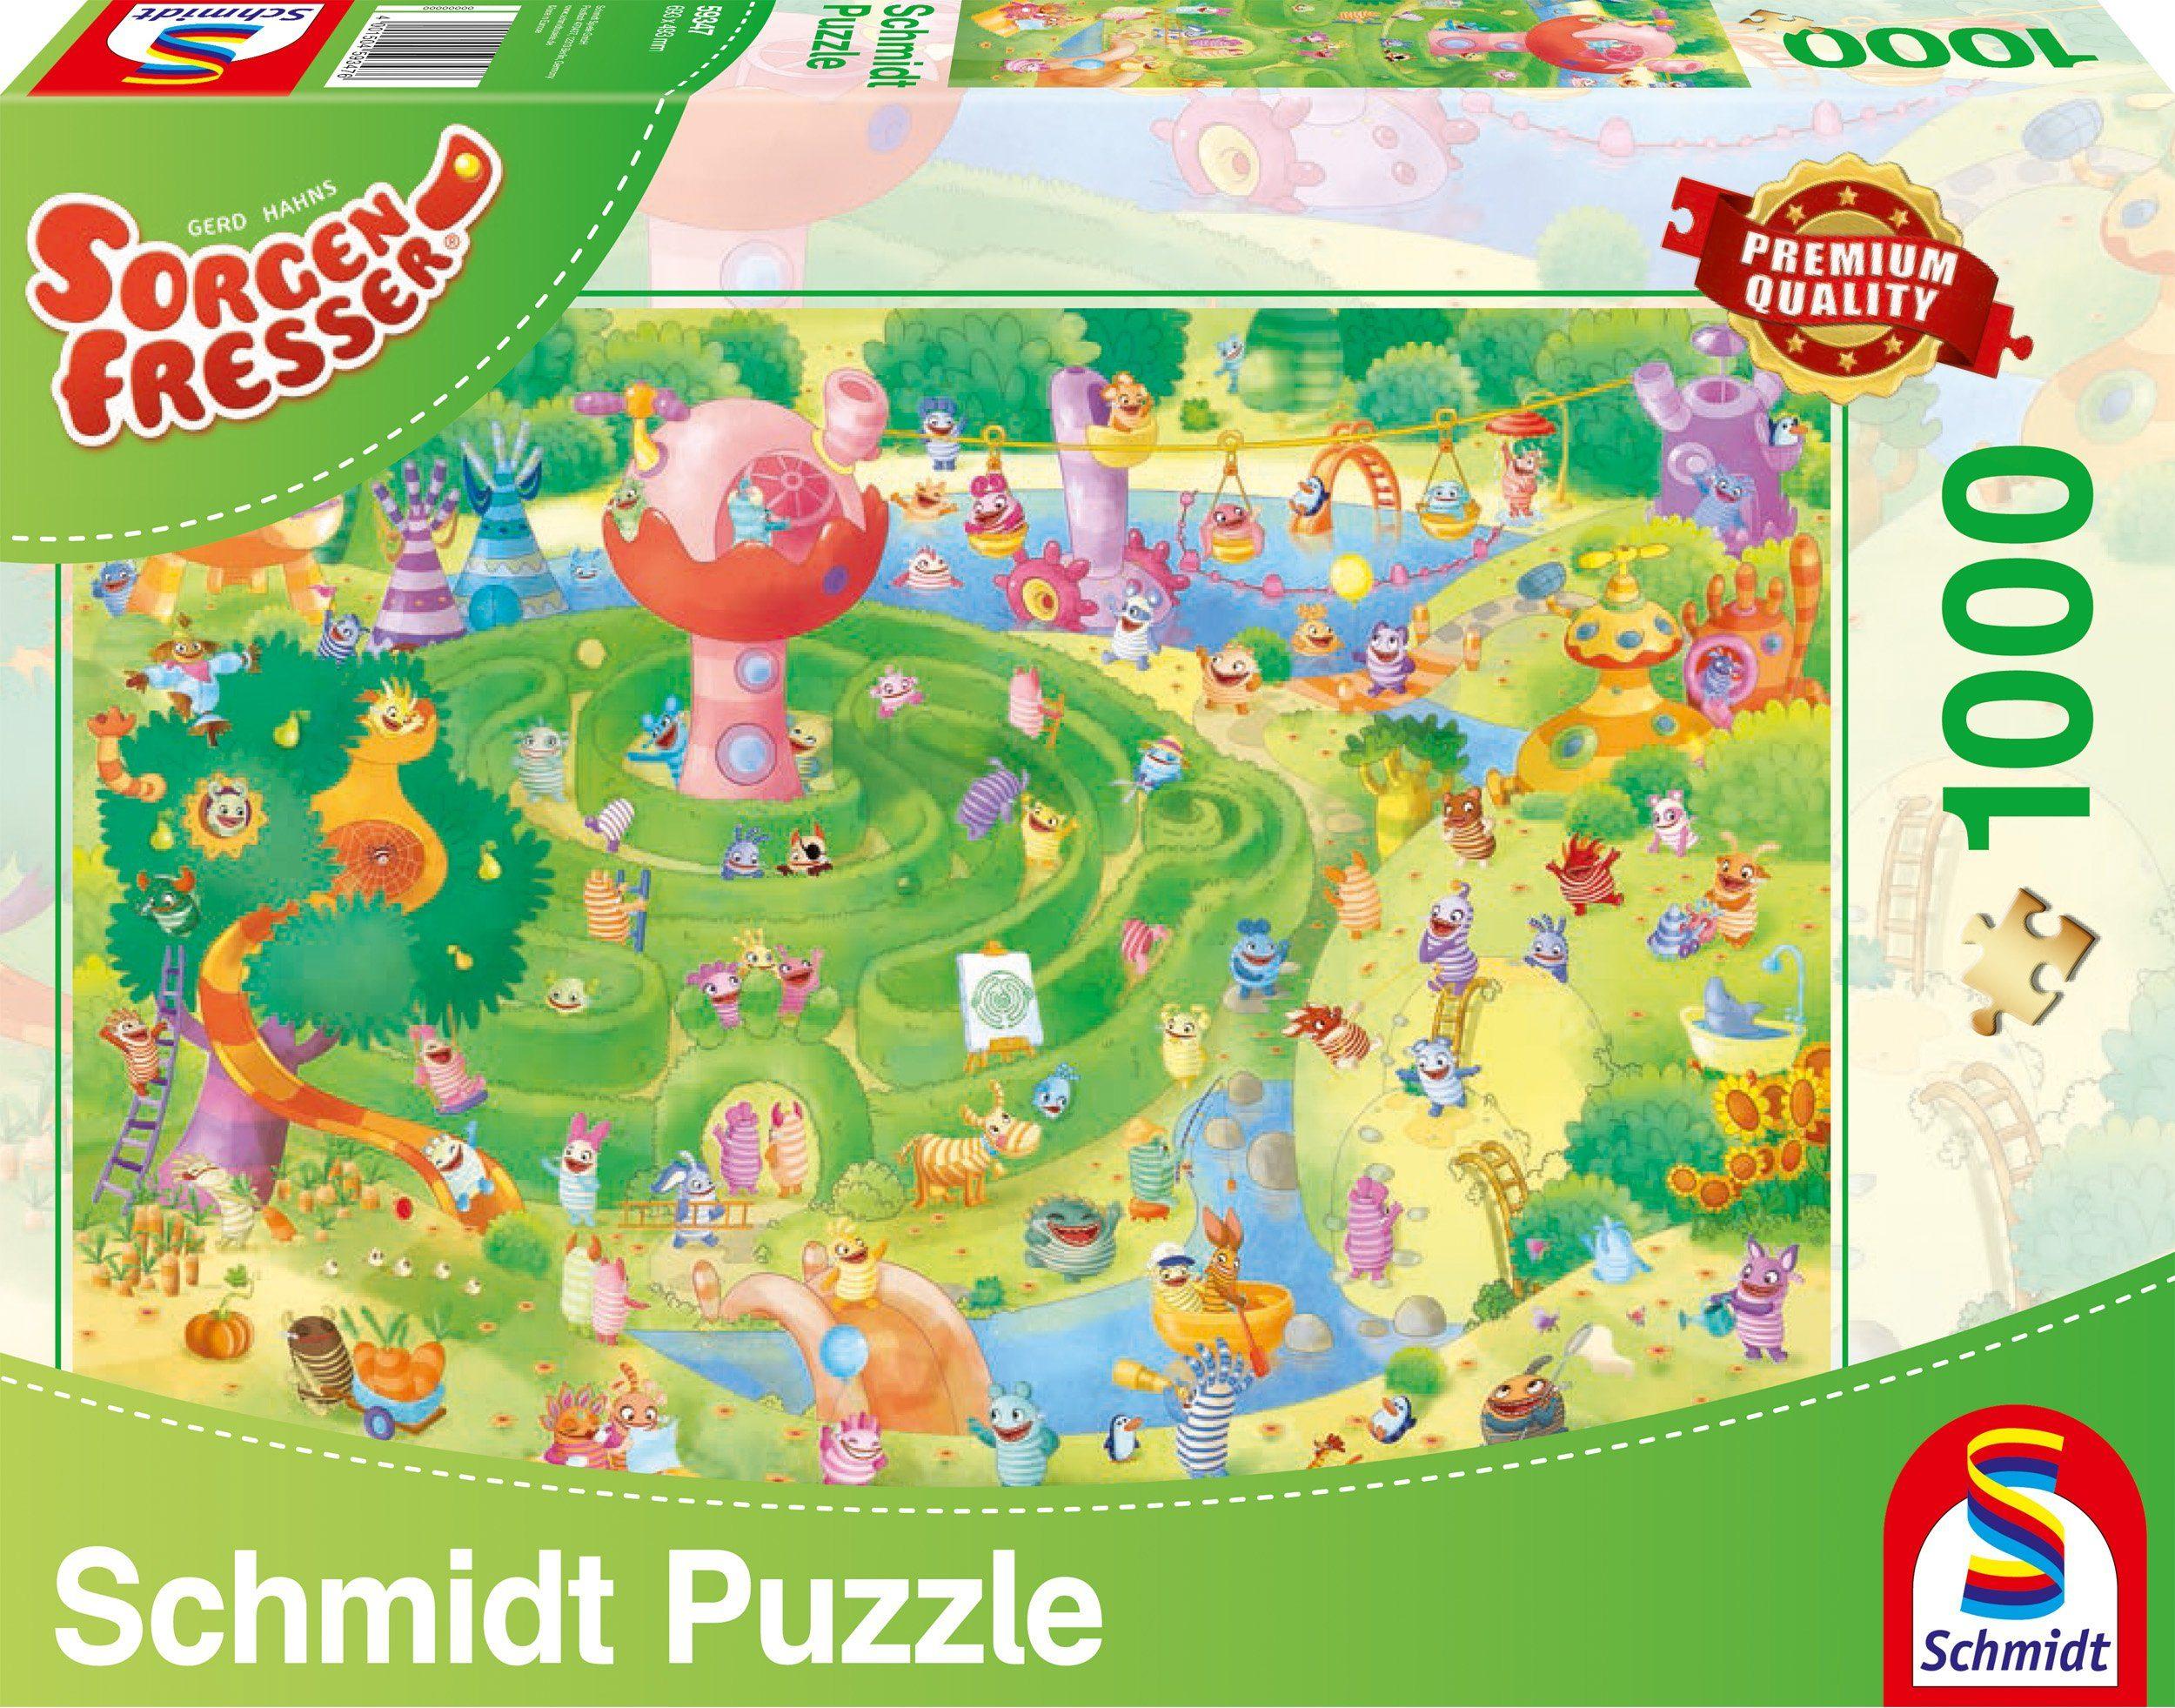 Schmidt Spiele Puzzle mit 1000 Teilen, »Sorgenfresser, Im Labyrinth«